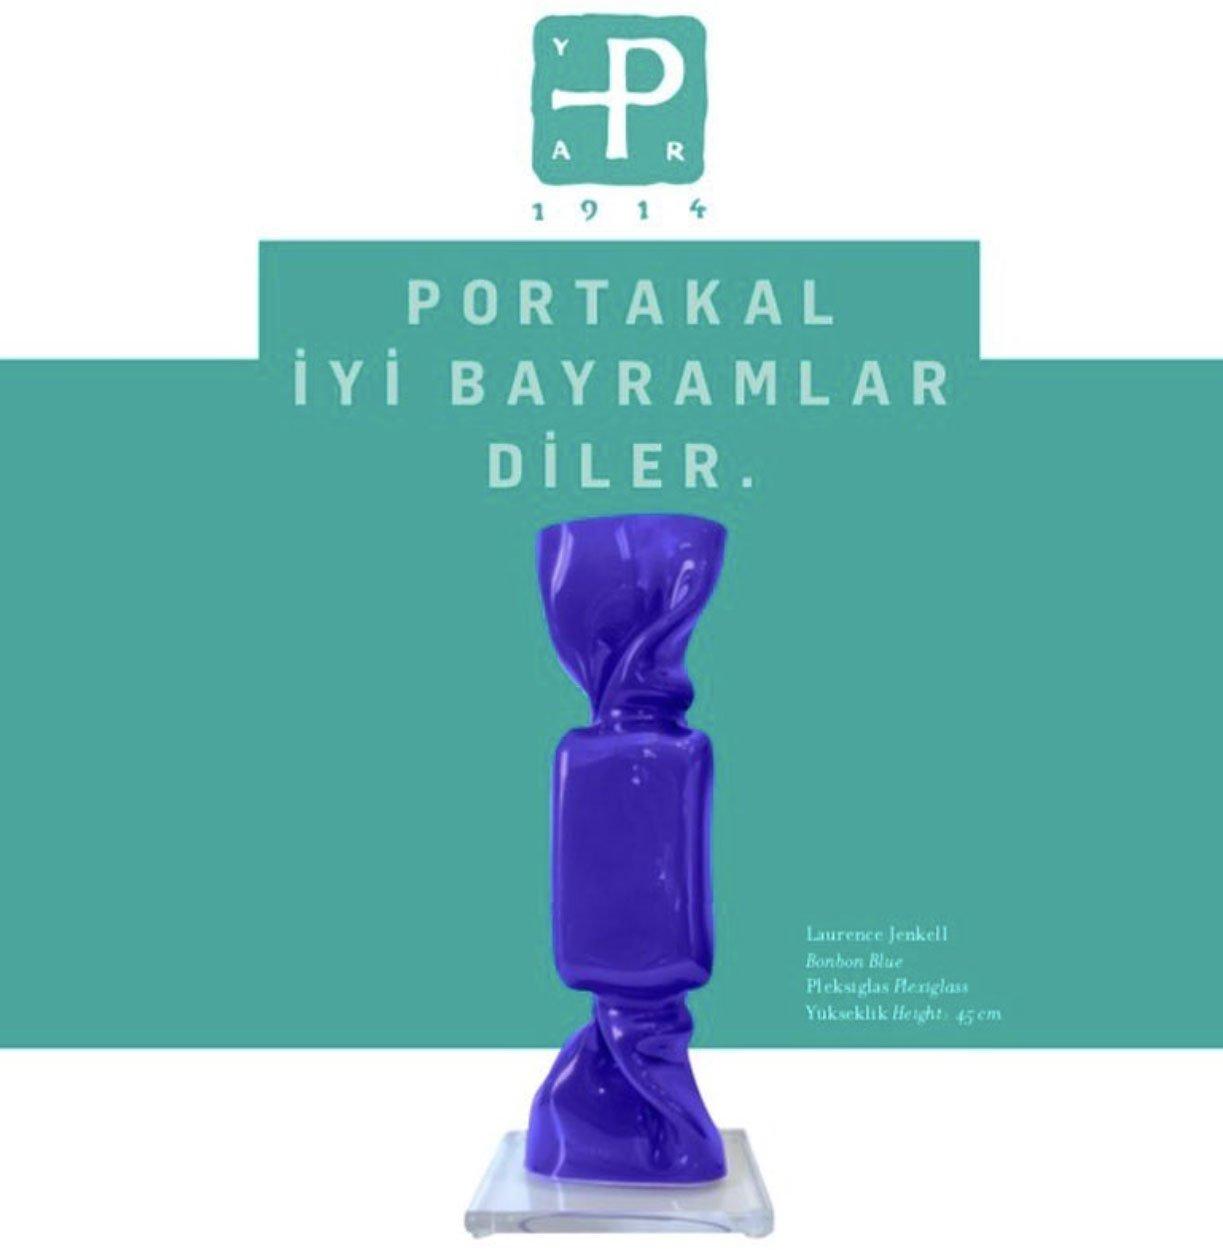 Portakal-gallery.jpg